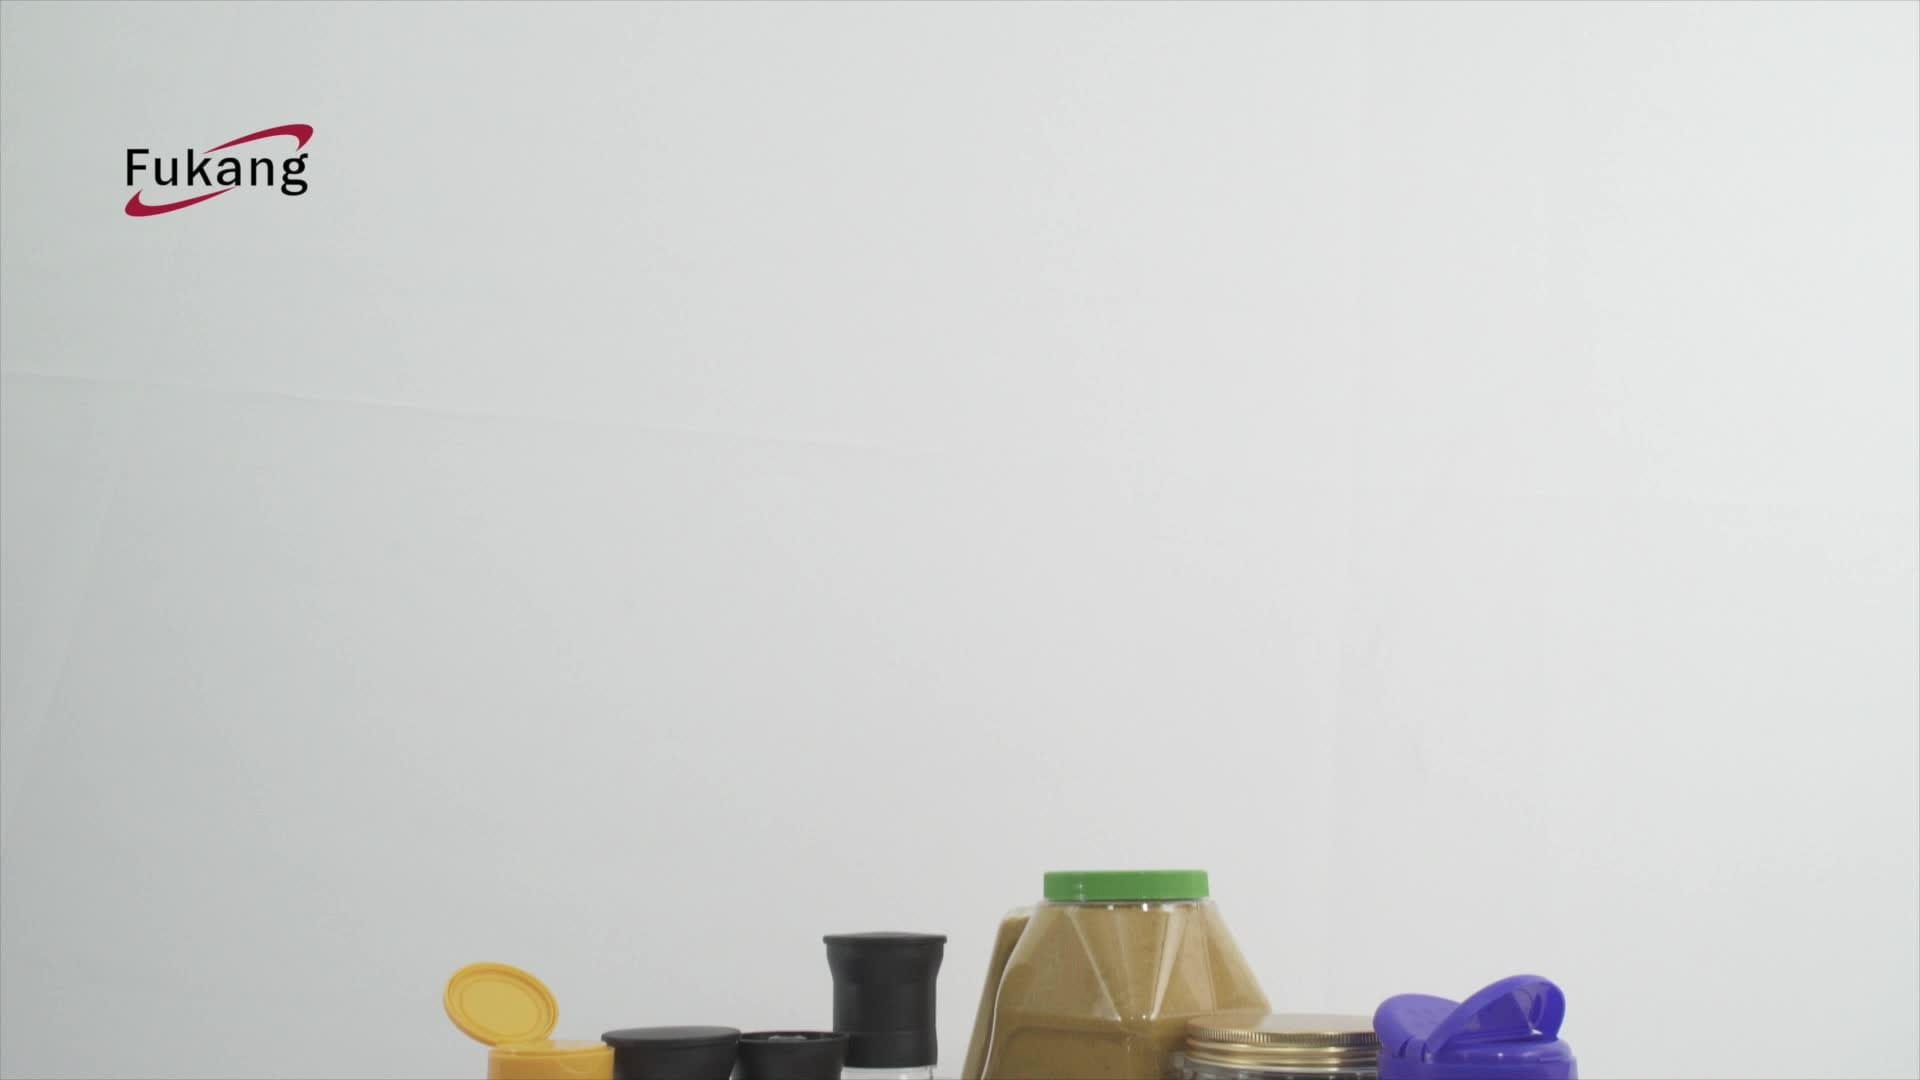 בית שימוש פלסטיק מלח פלפל מטחנת סט